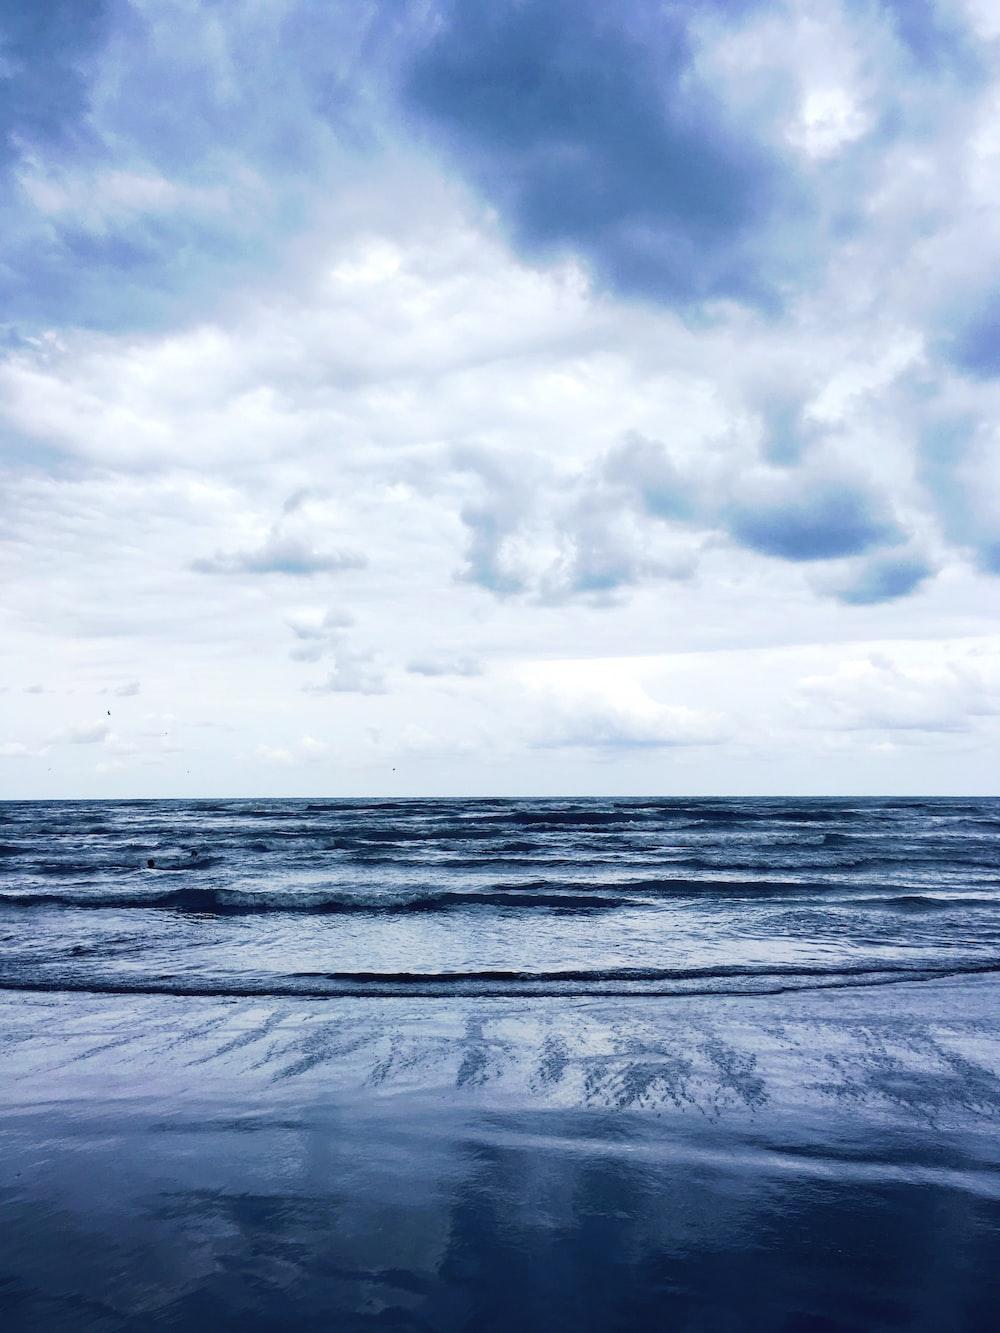 sea under clouded sky